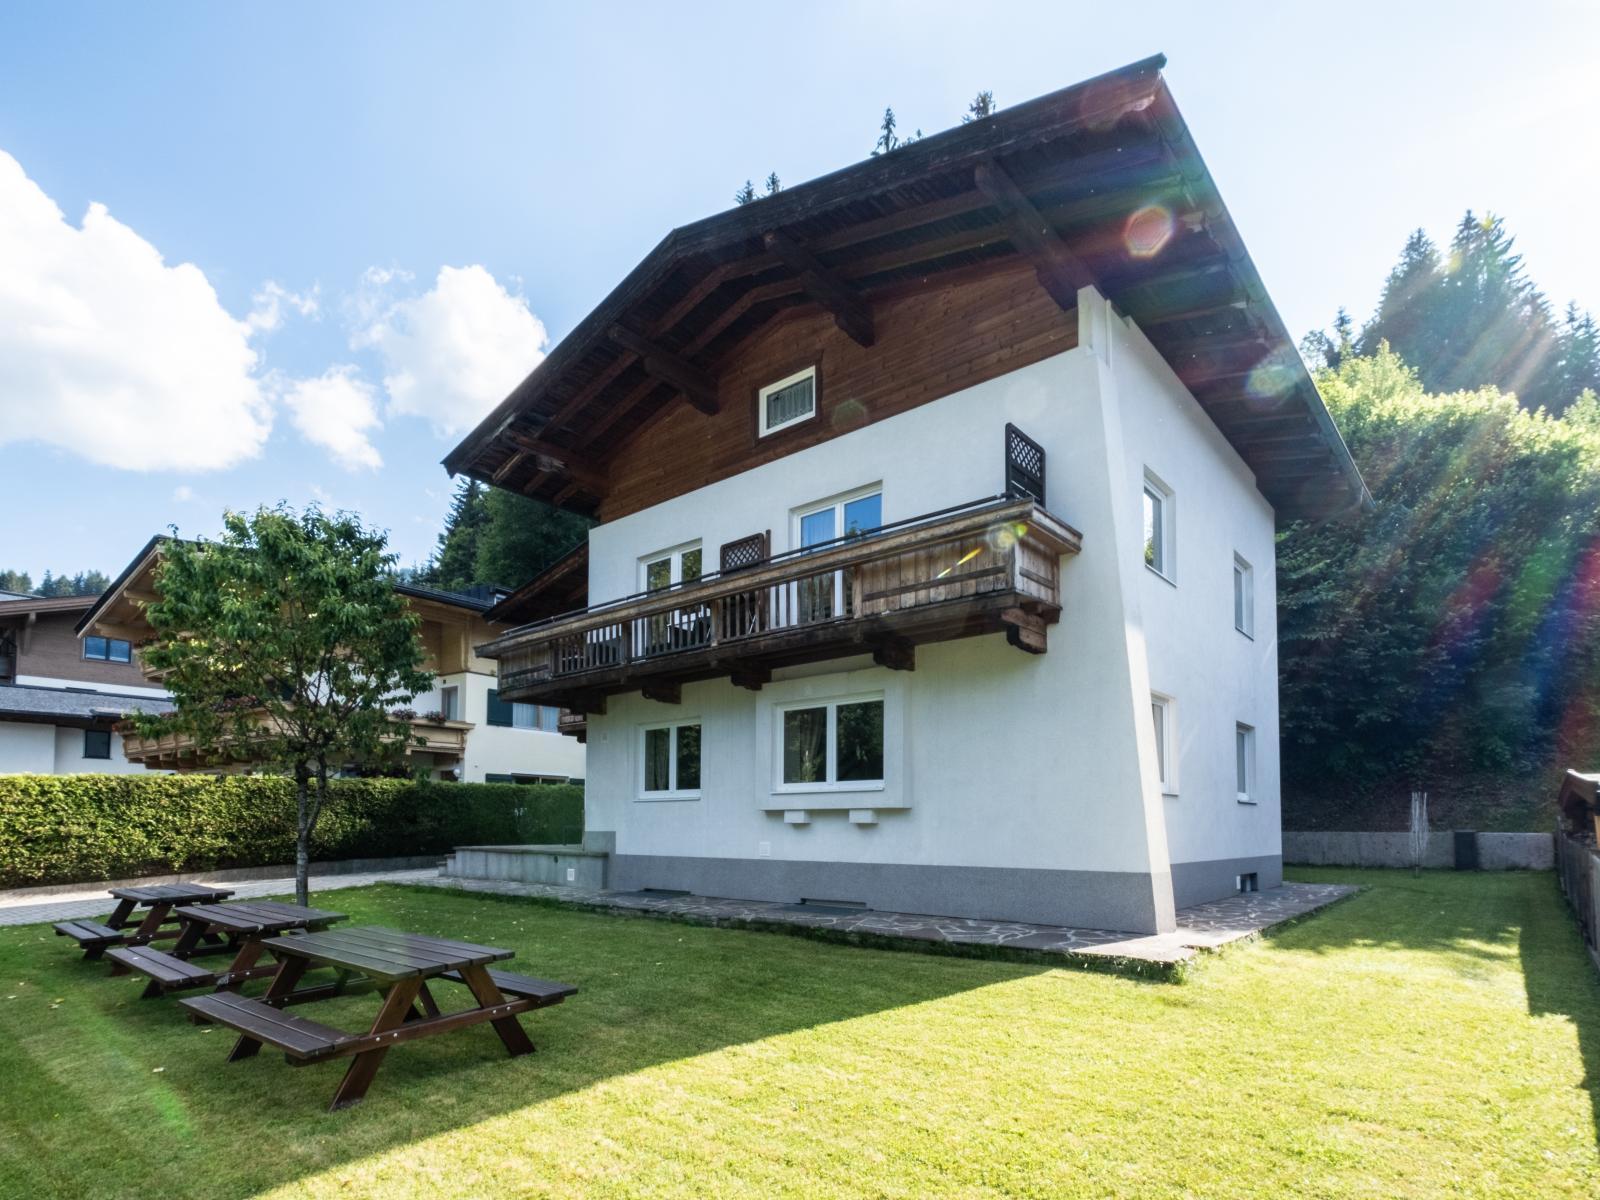 Gruppenhaus am Skilift - 21 Personen